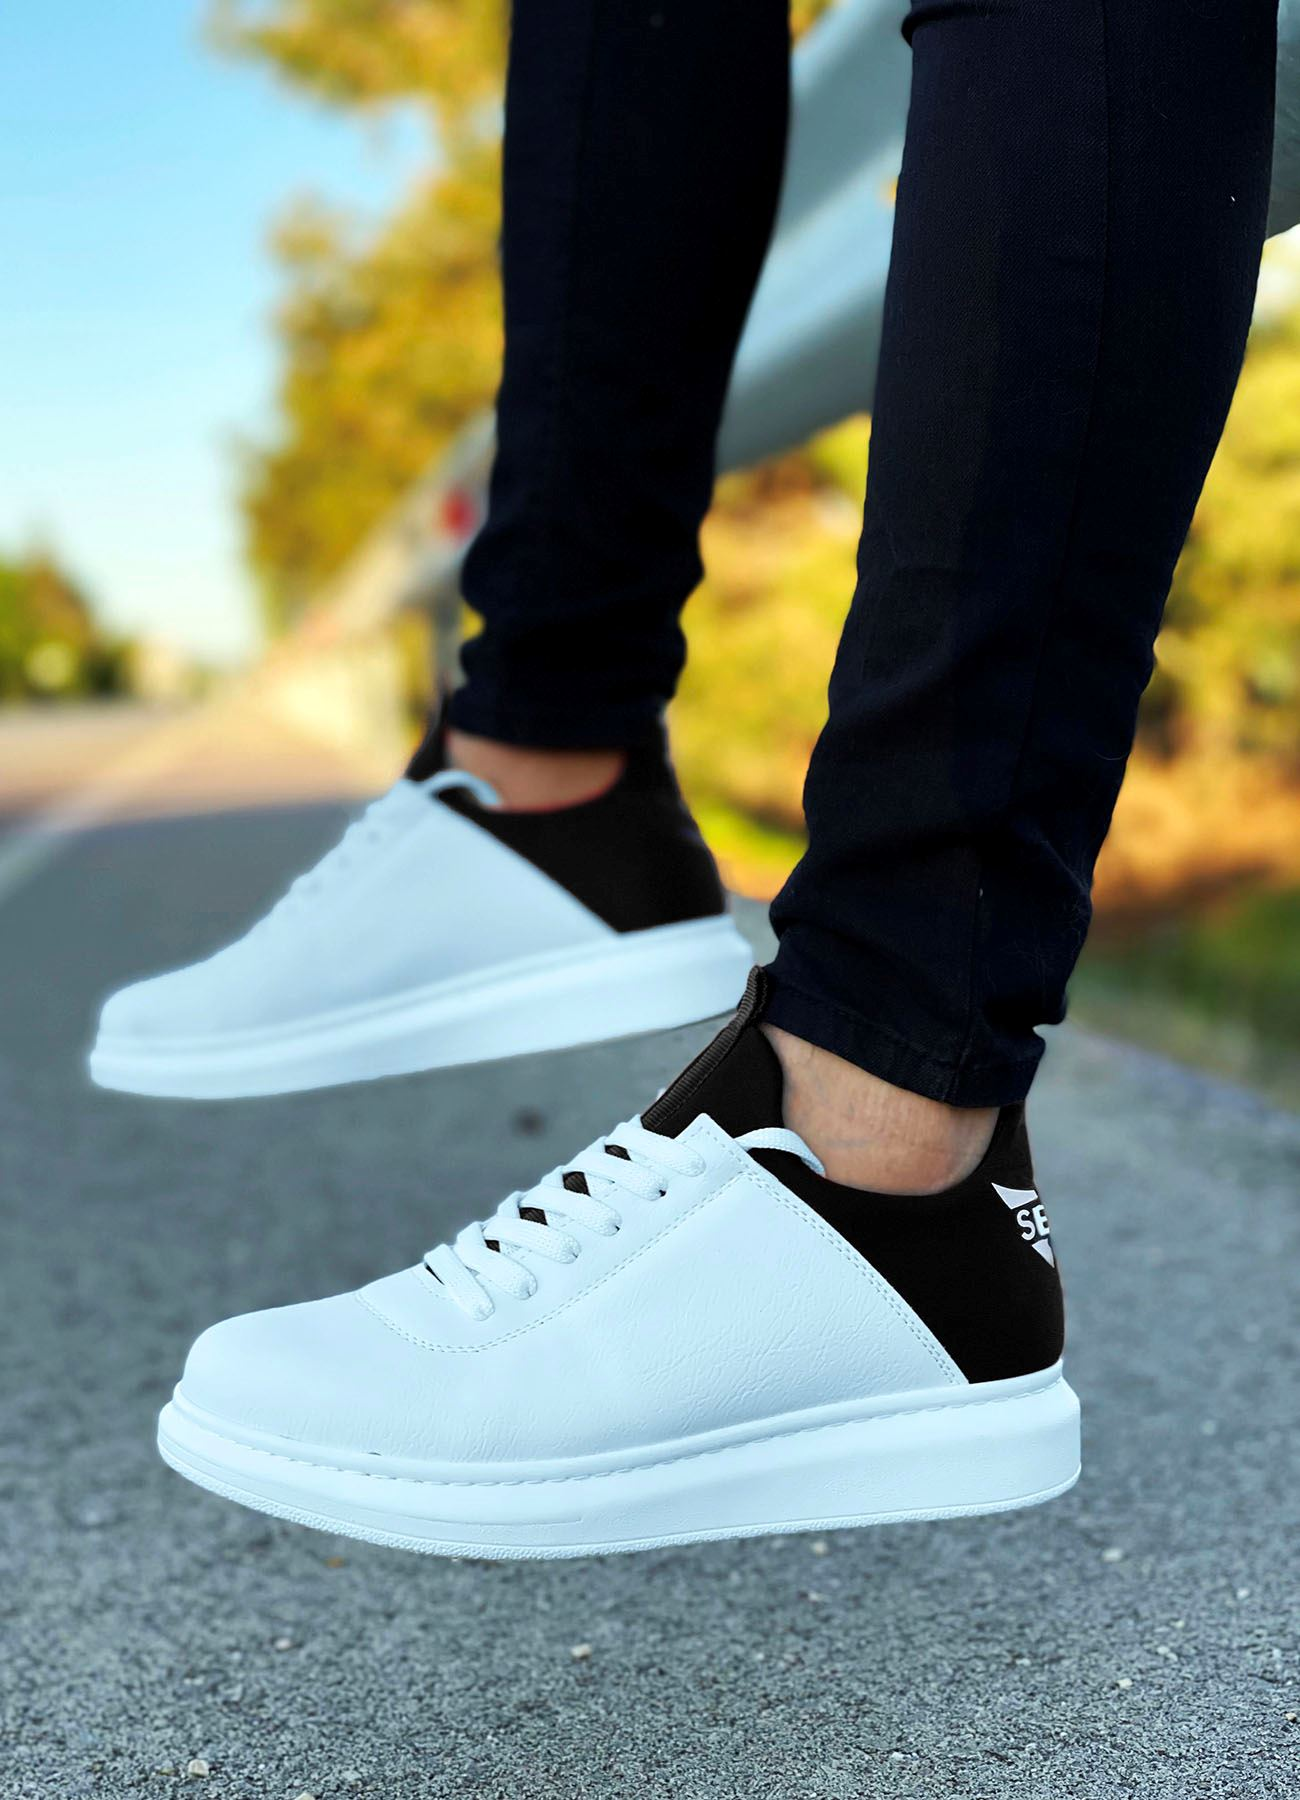 Serenze Siyah Beyaz Erkek Spor Ayakkabı